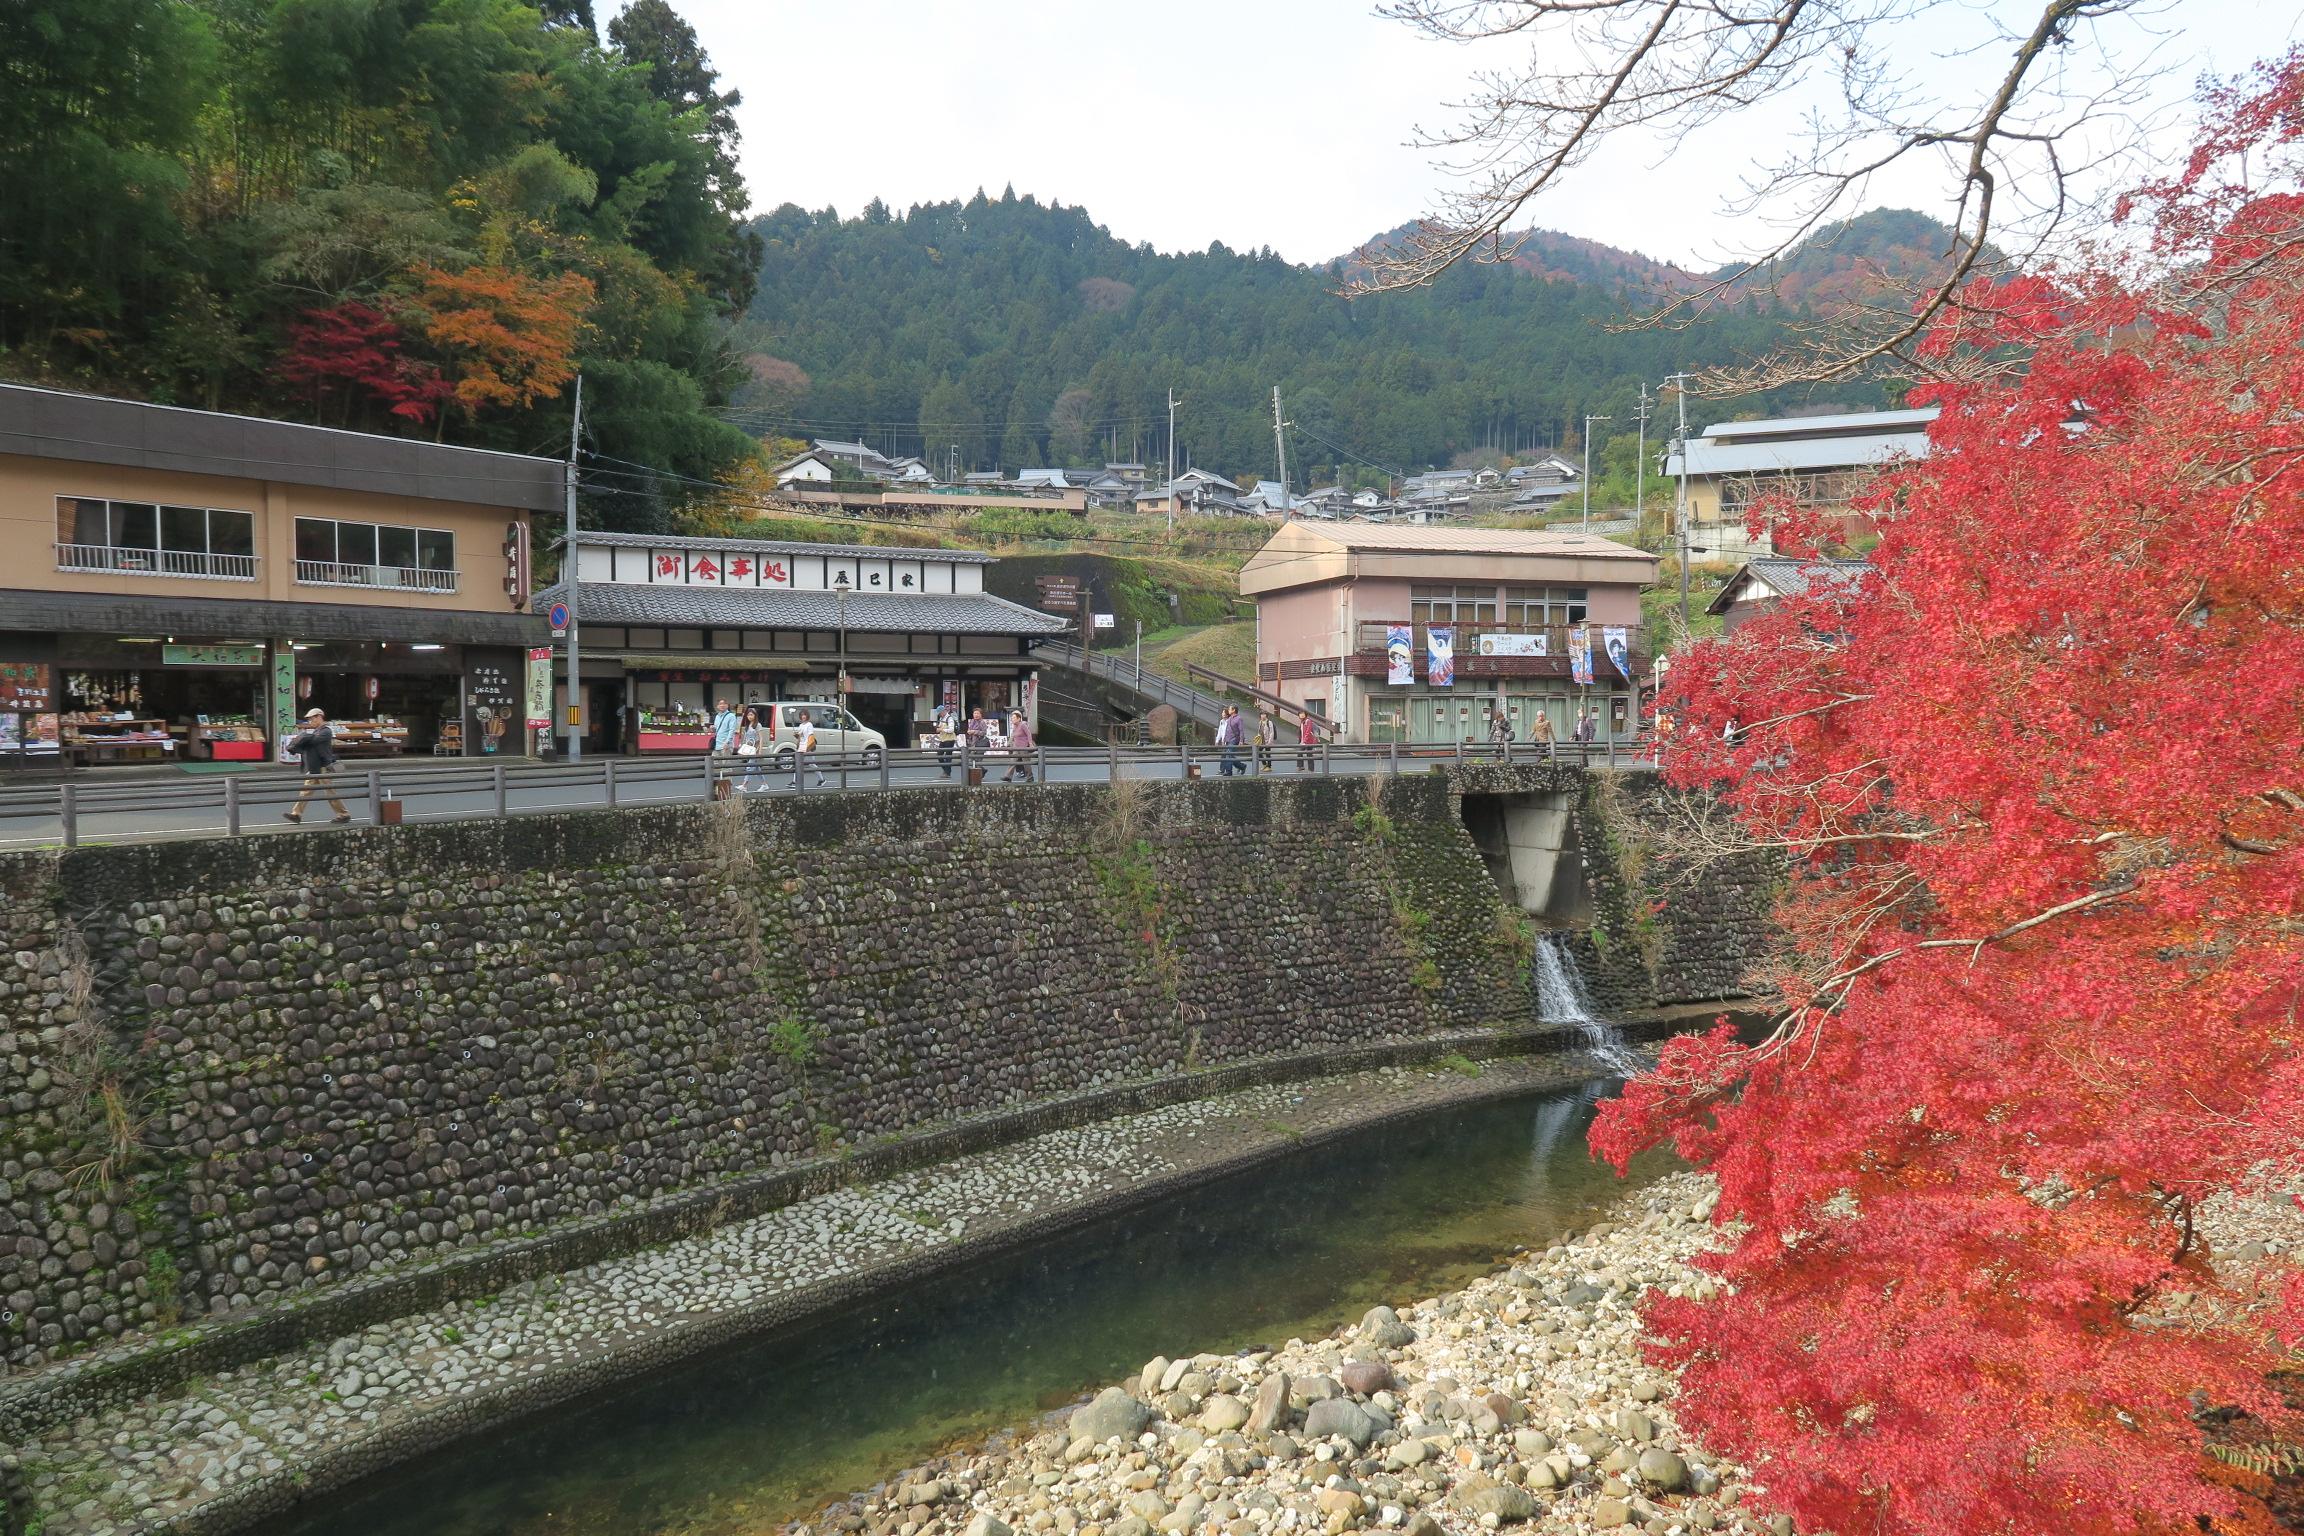 バス乗り場から多くの人が室生寺に向かって歩いています。